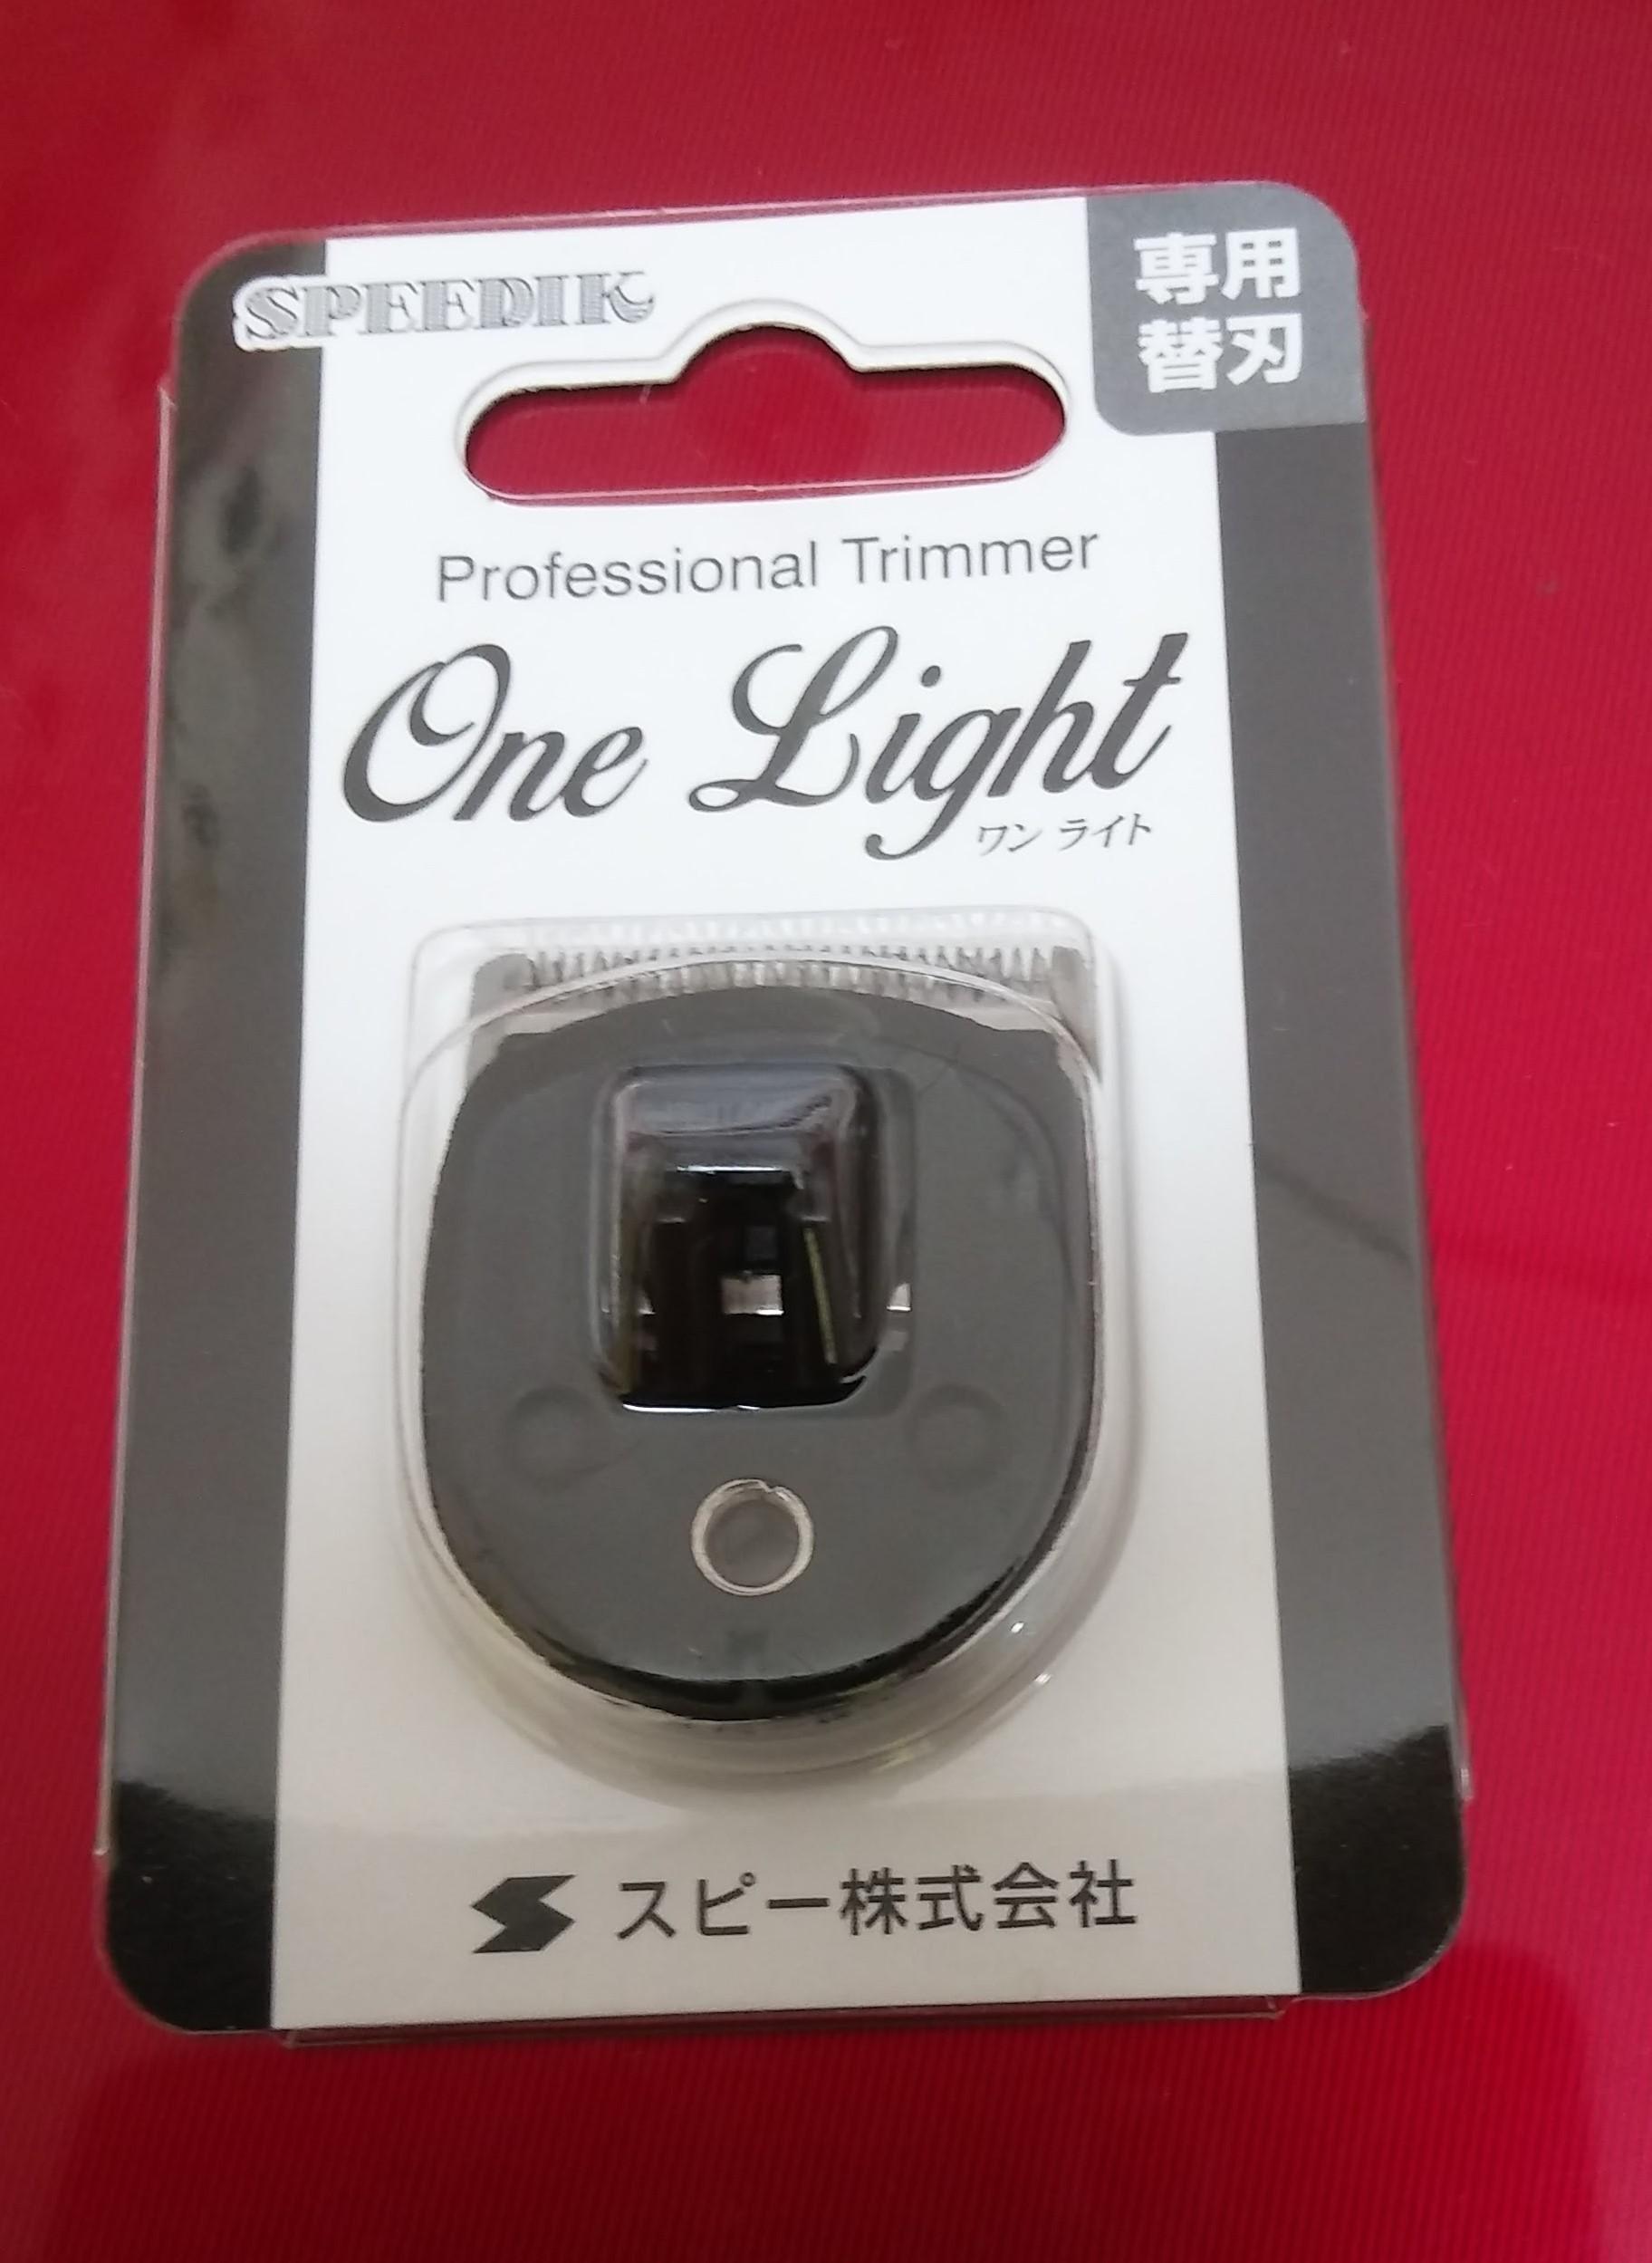 ワンライト替刃1200円